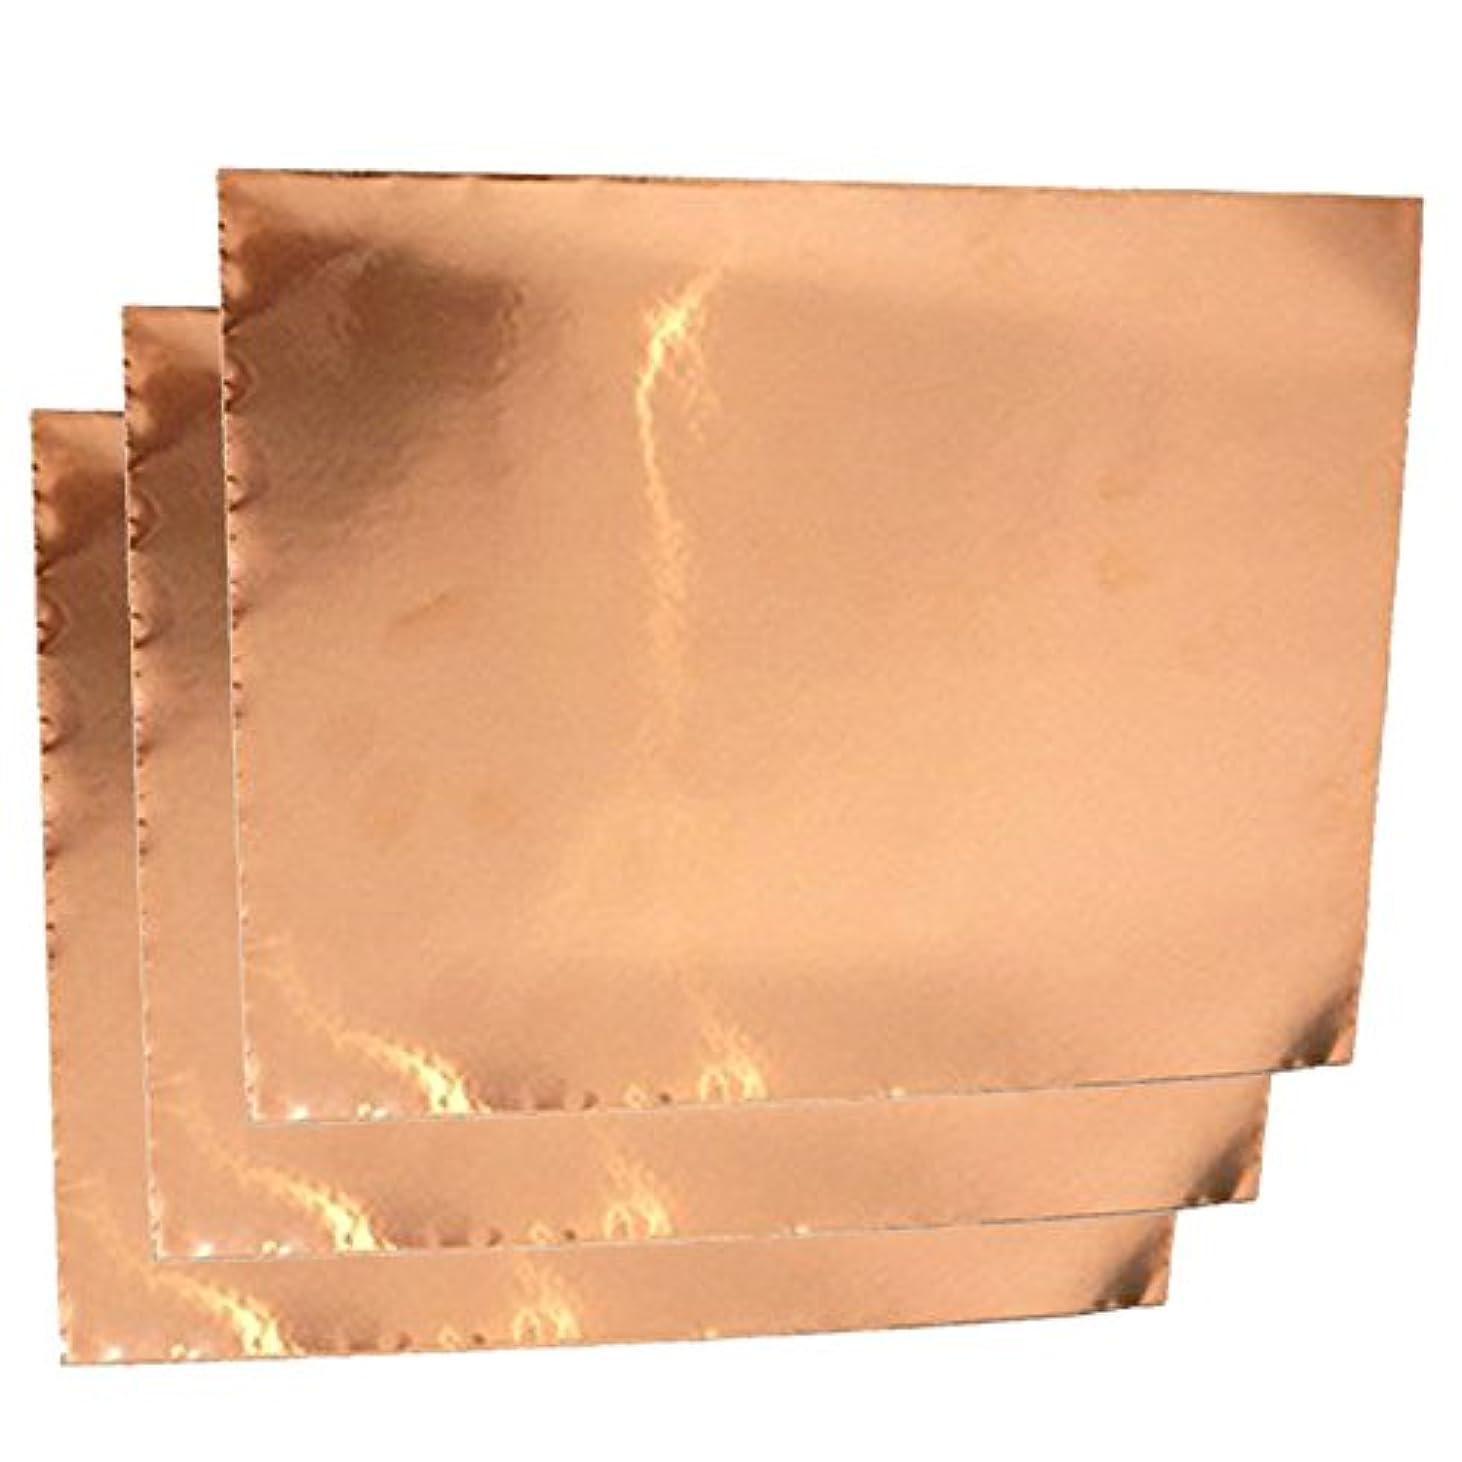 死の顎費用乱すJVSISM 多目的 22.5 x 30cmノンテープ方式のギター 銅遮蔽箔テープ3枚/パック